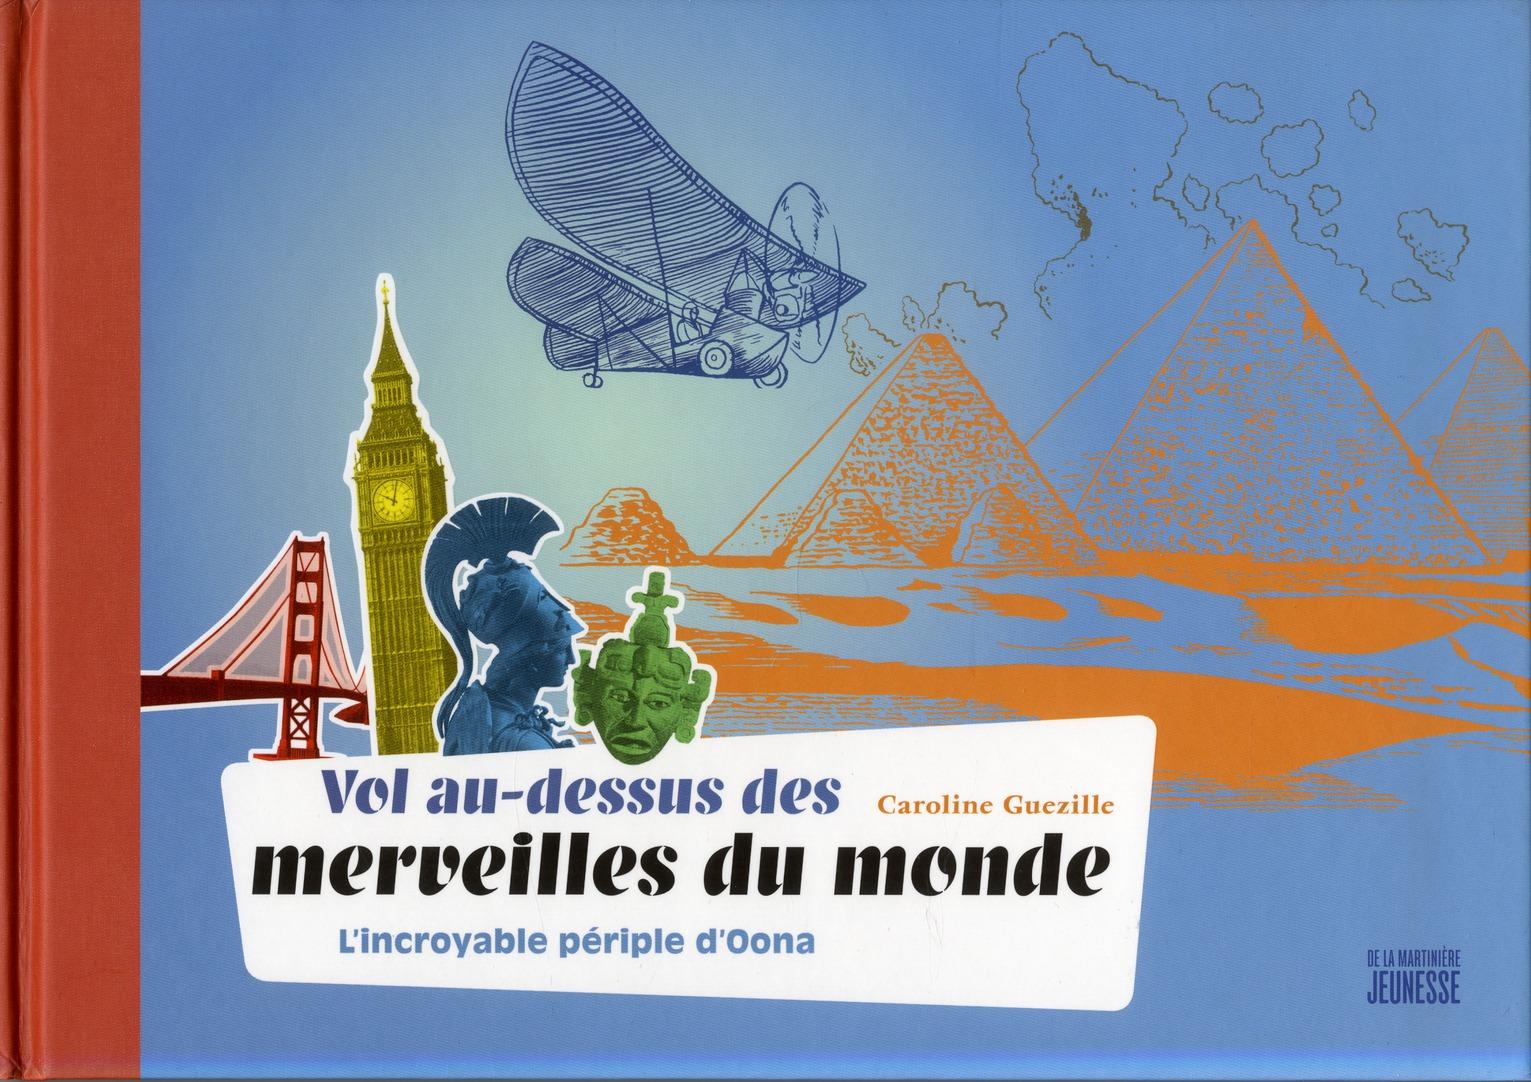 A LA DECOUVERTE DES MERVEILLES DU MONDE. L'INCROYABLE PERIPLE D'OONA